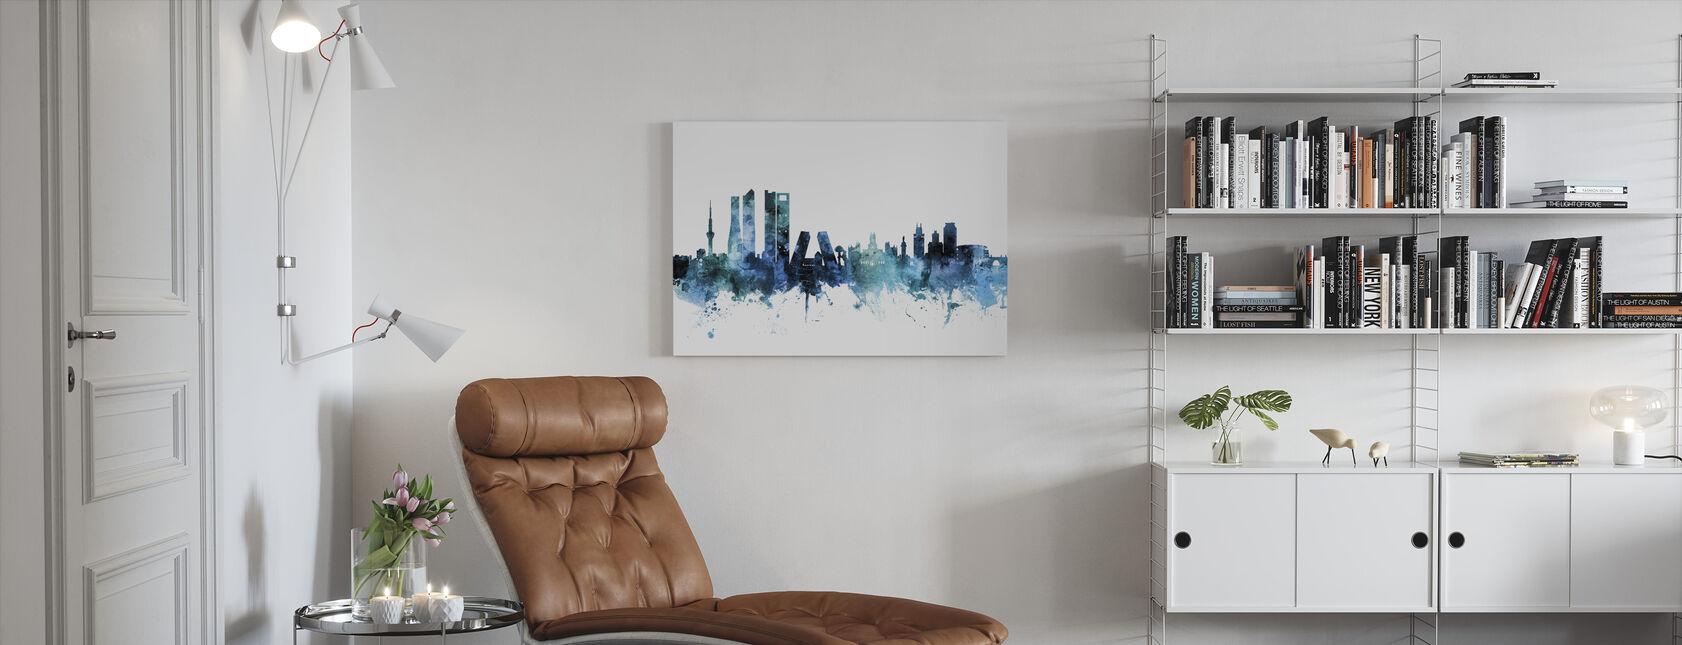 Madrid Spain Skyline - Canvas print - Living Room